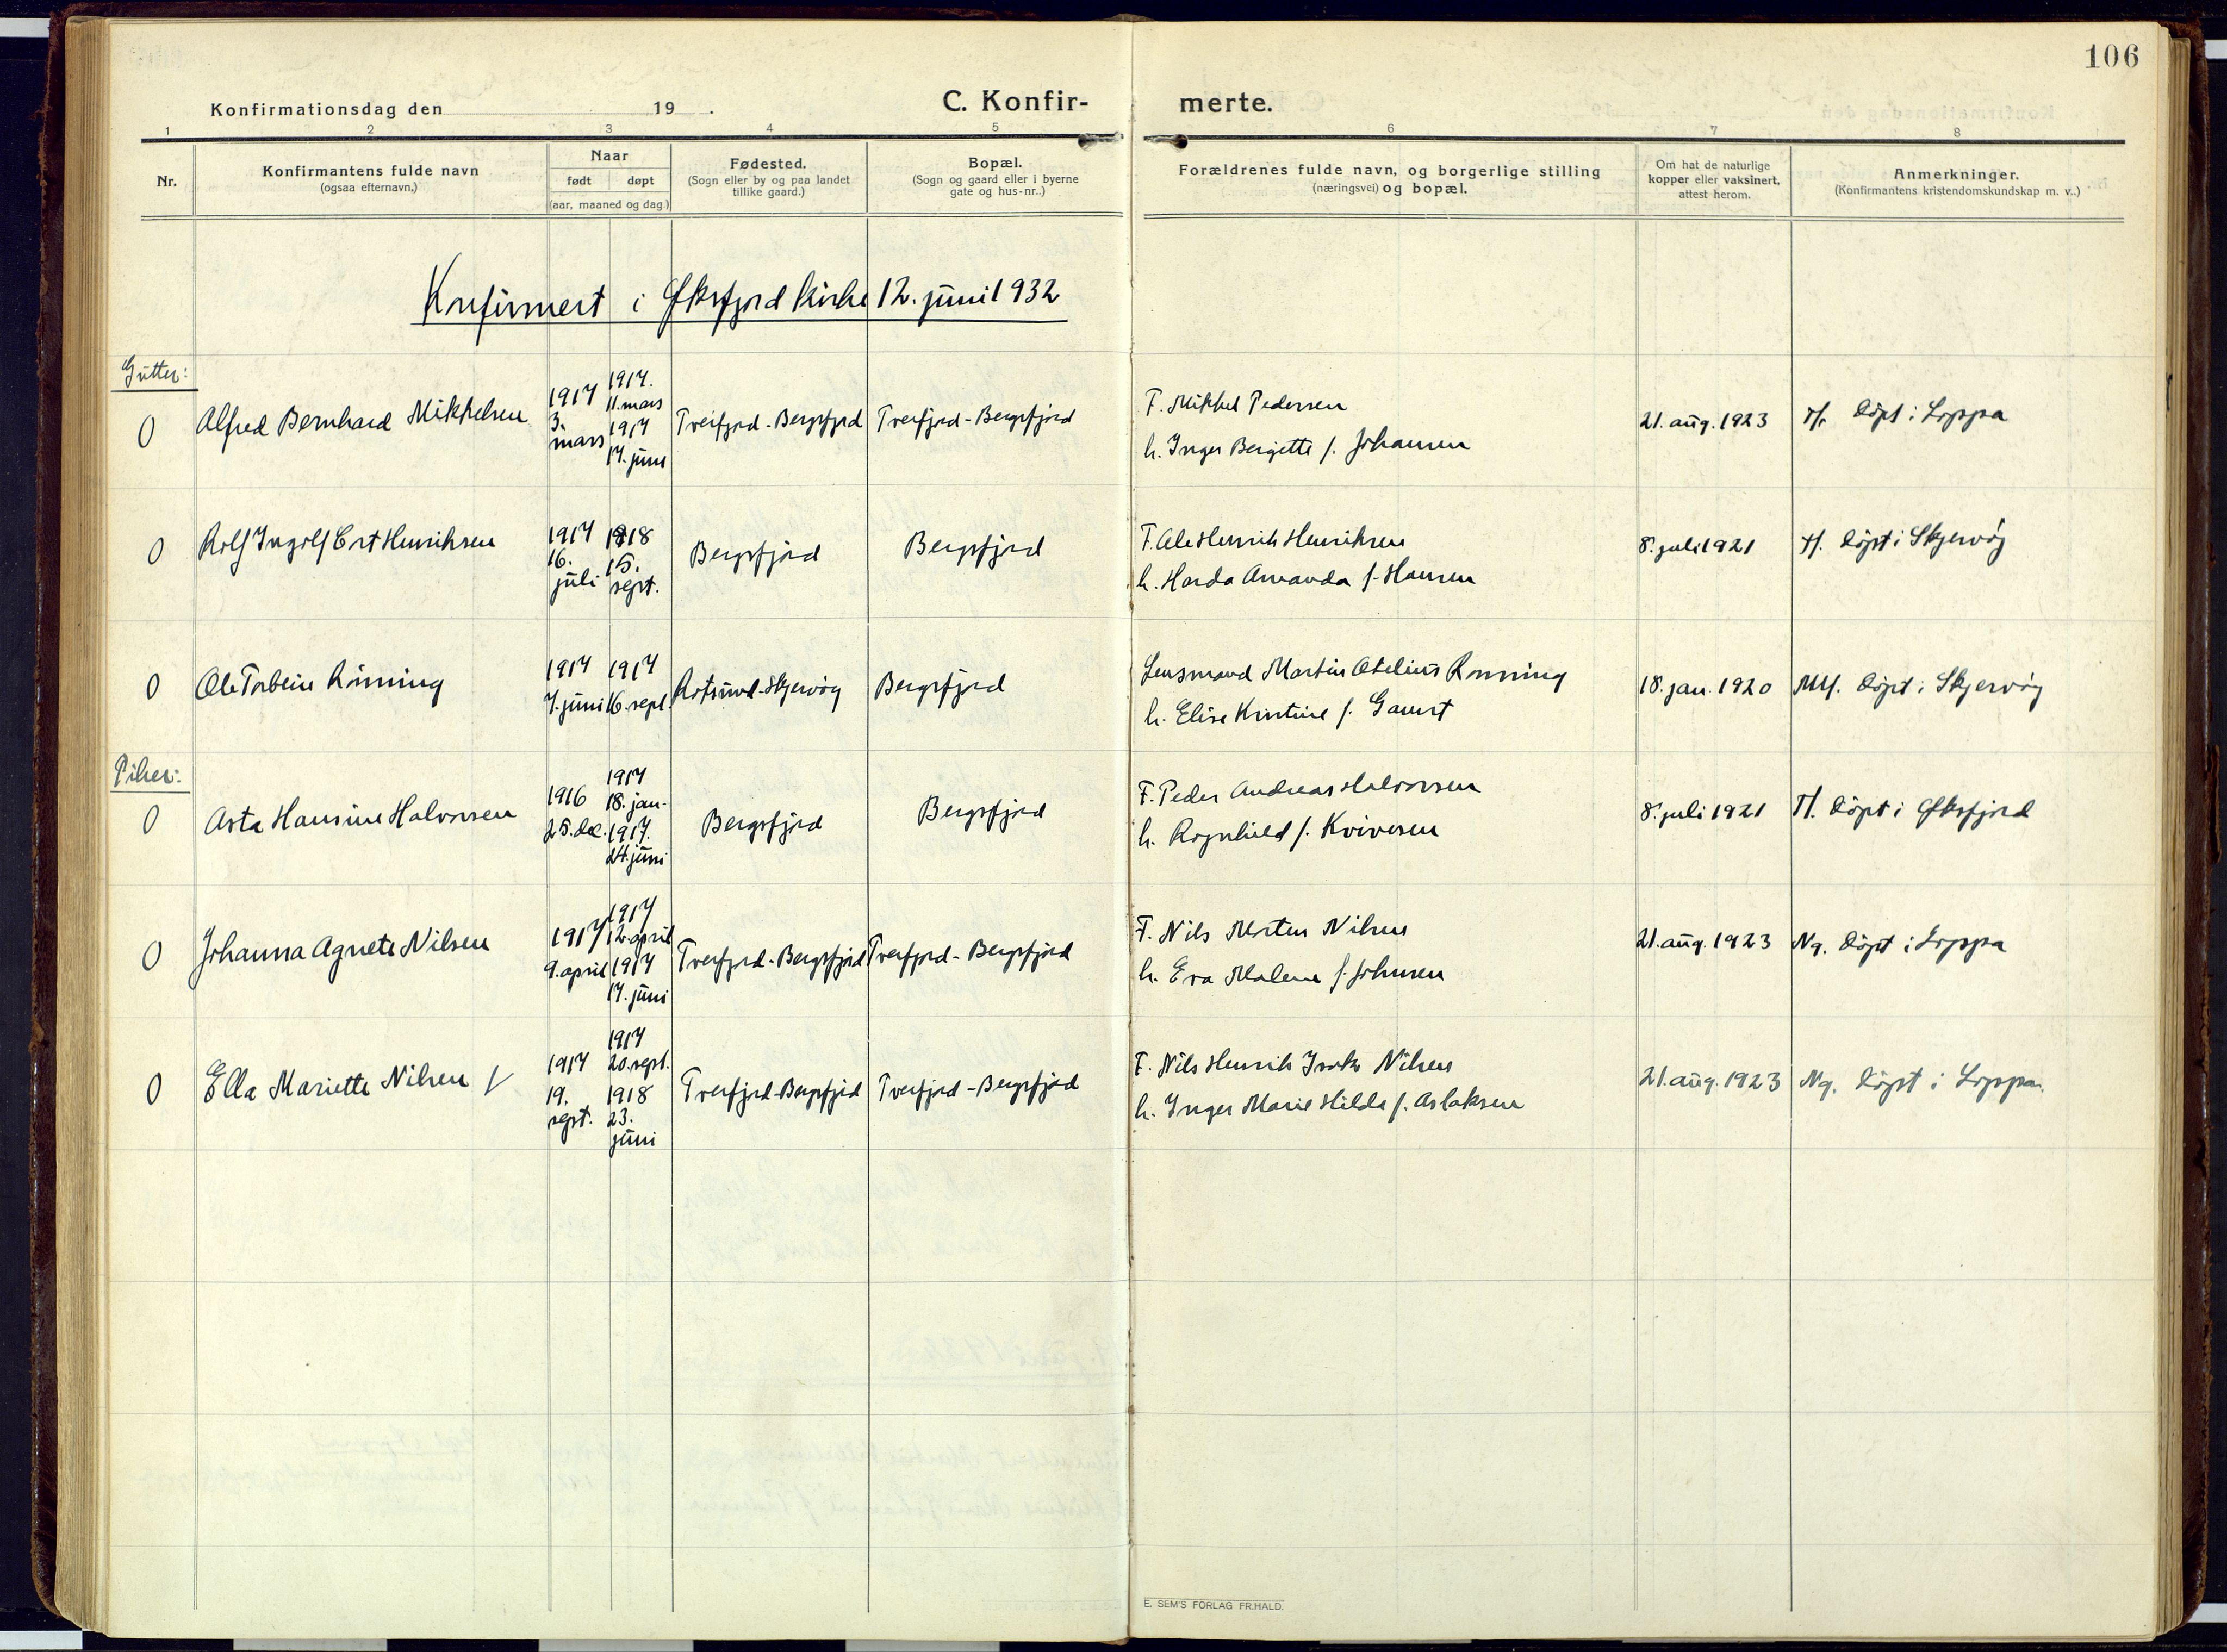 SATØ, Loppa sokneprestkontor, H/Ha/L0013kirke: Ministerialbok nr. 13, 1920-1932, s. 106